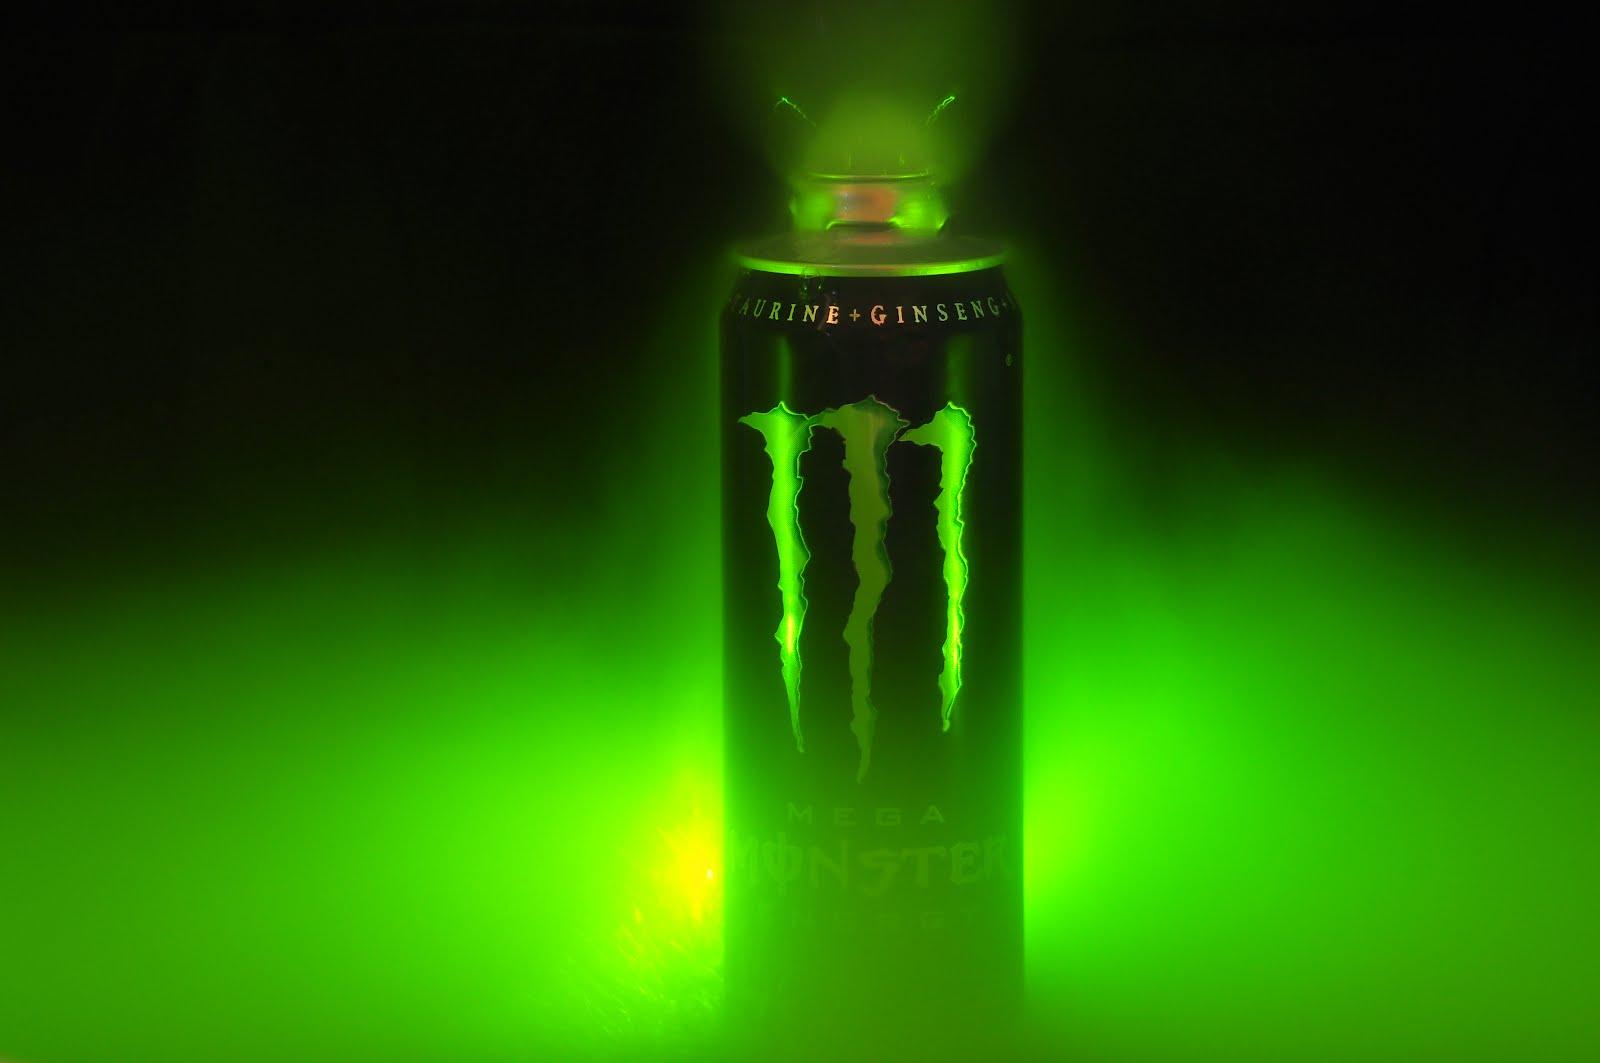 Monster Energy Drink Wallpaper